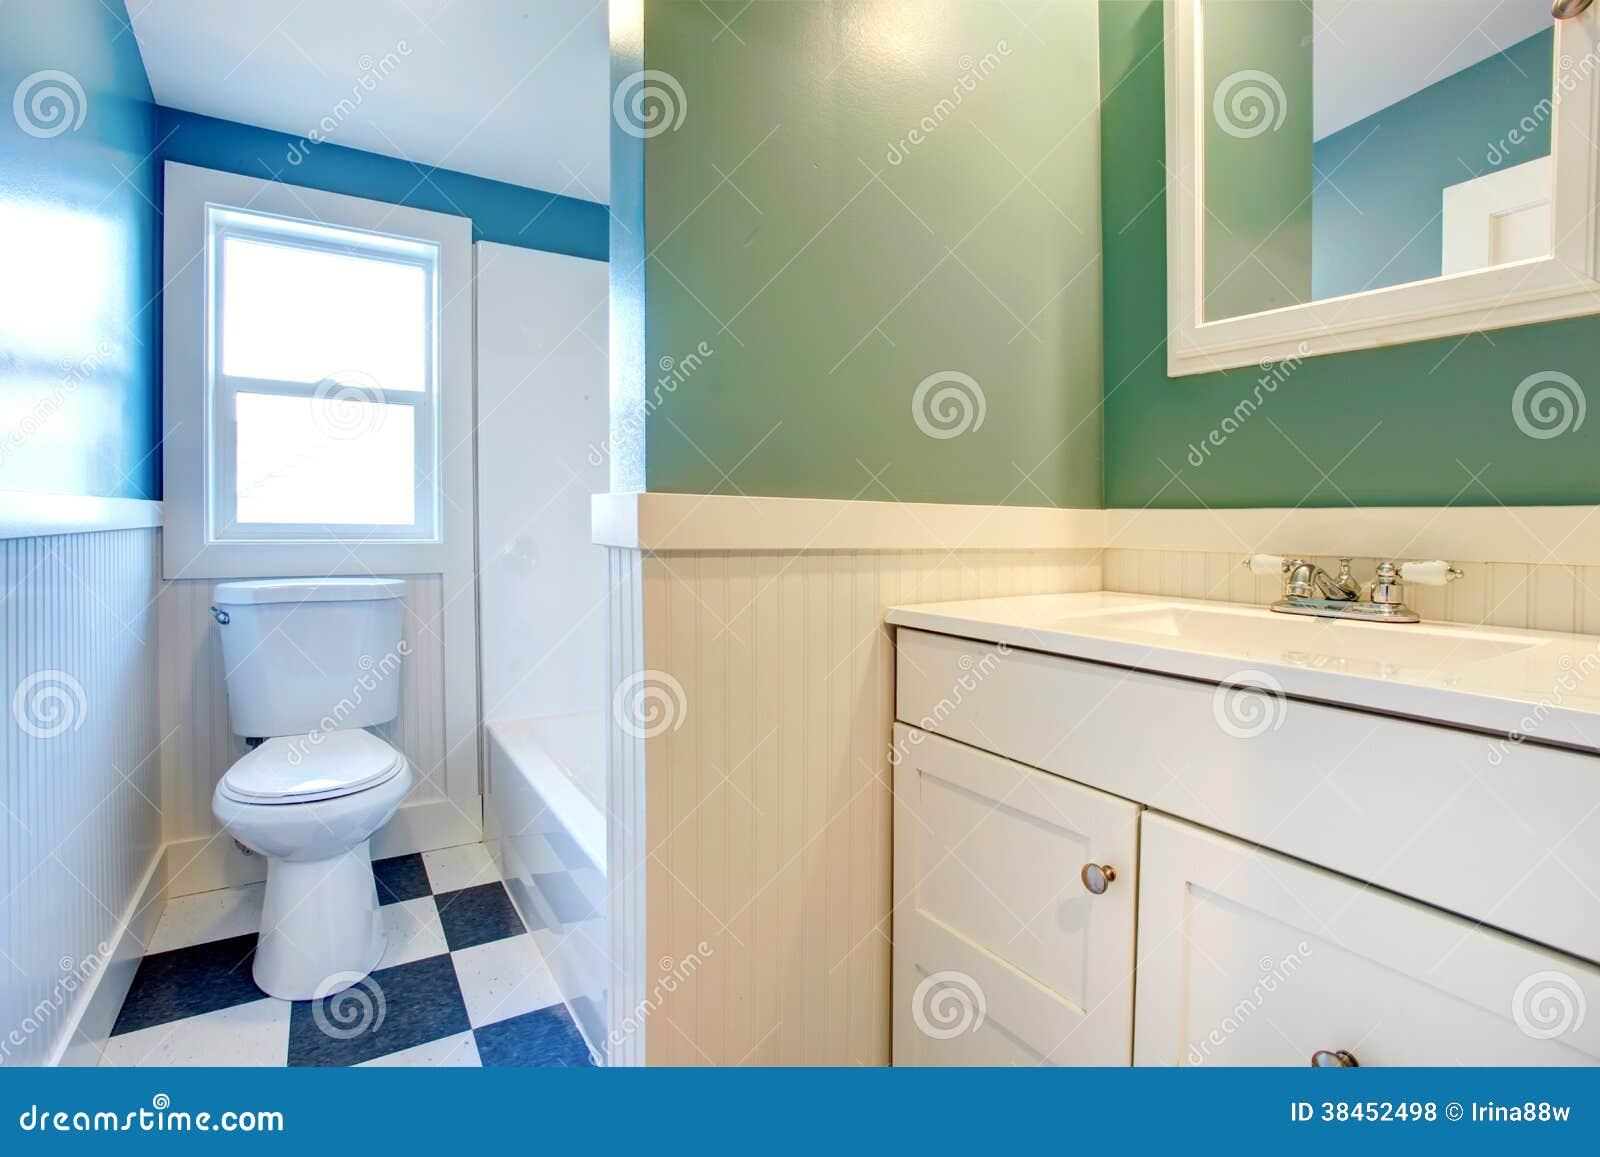 Bagno blu e beige stunning bagni colori piastrelle abbinamenti mobile bagno colore blu mobili - Bagno arancione e bianco ...